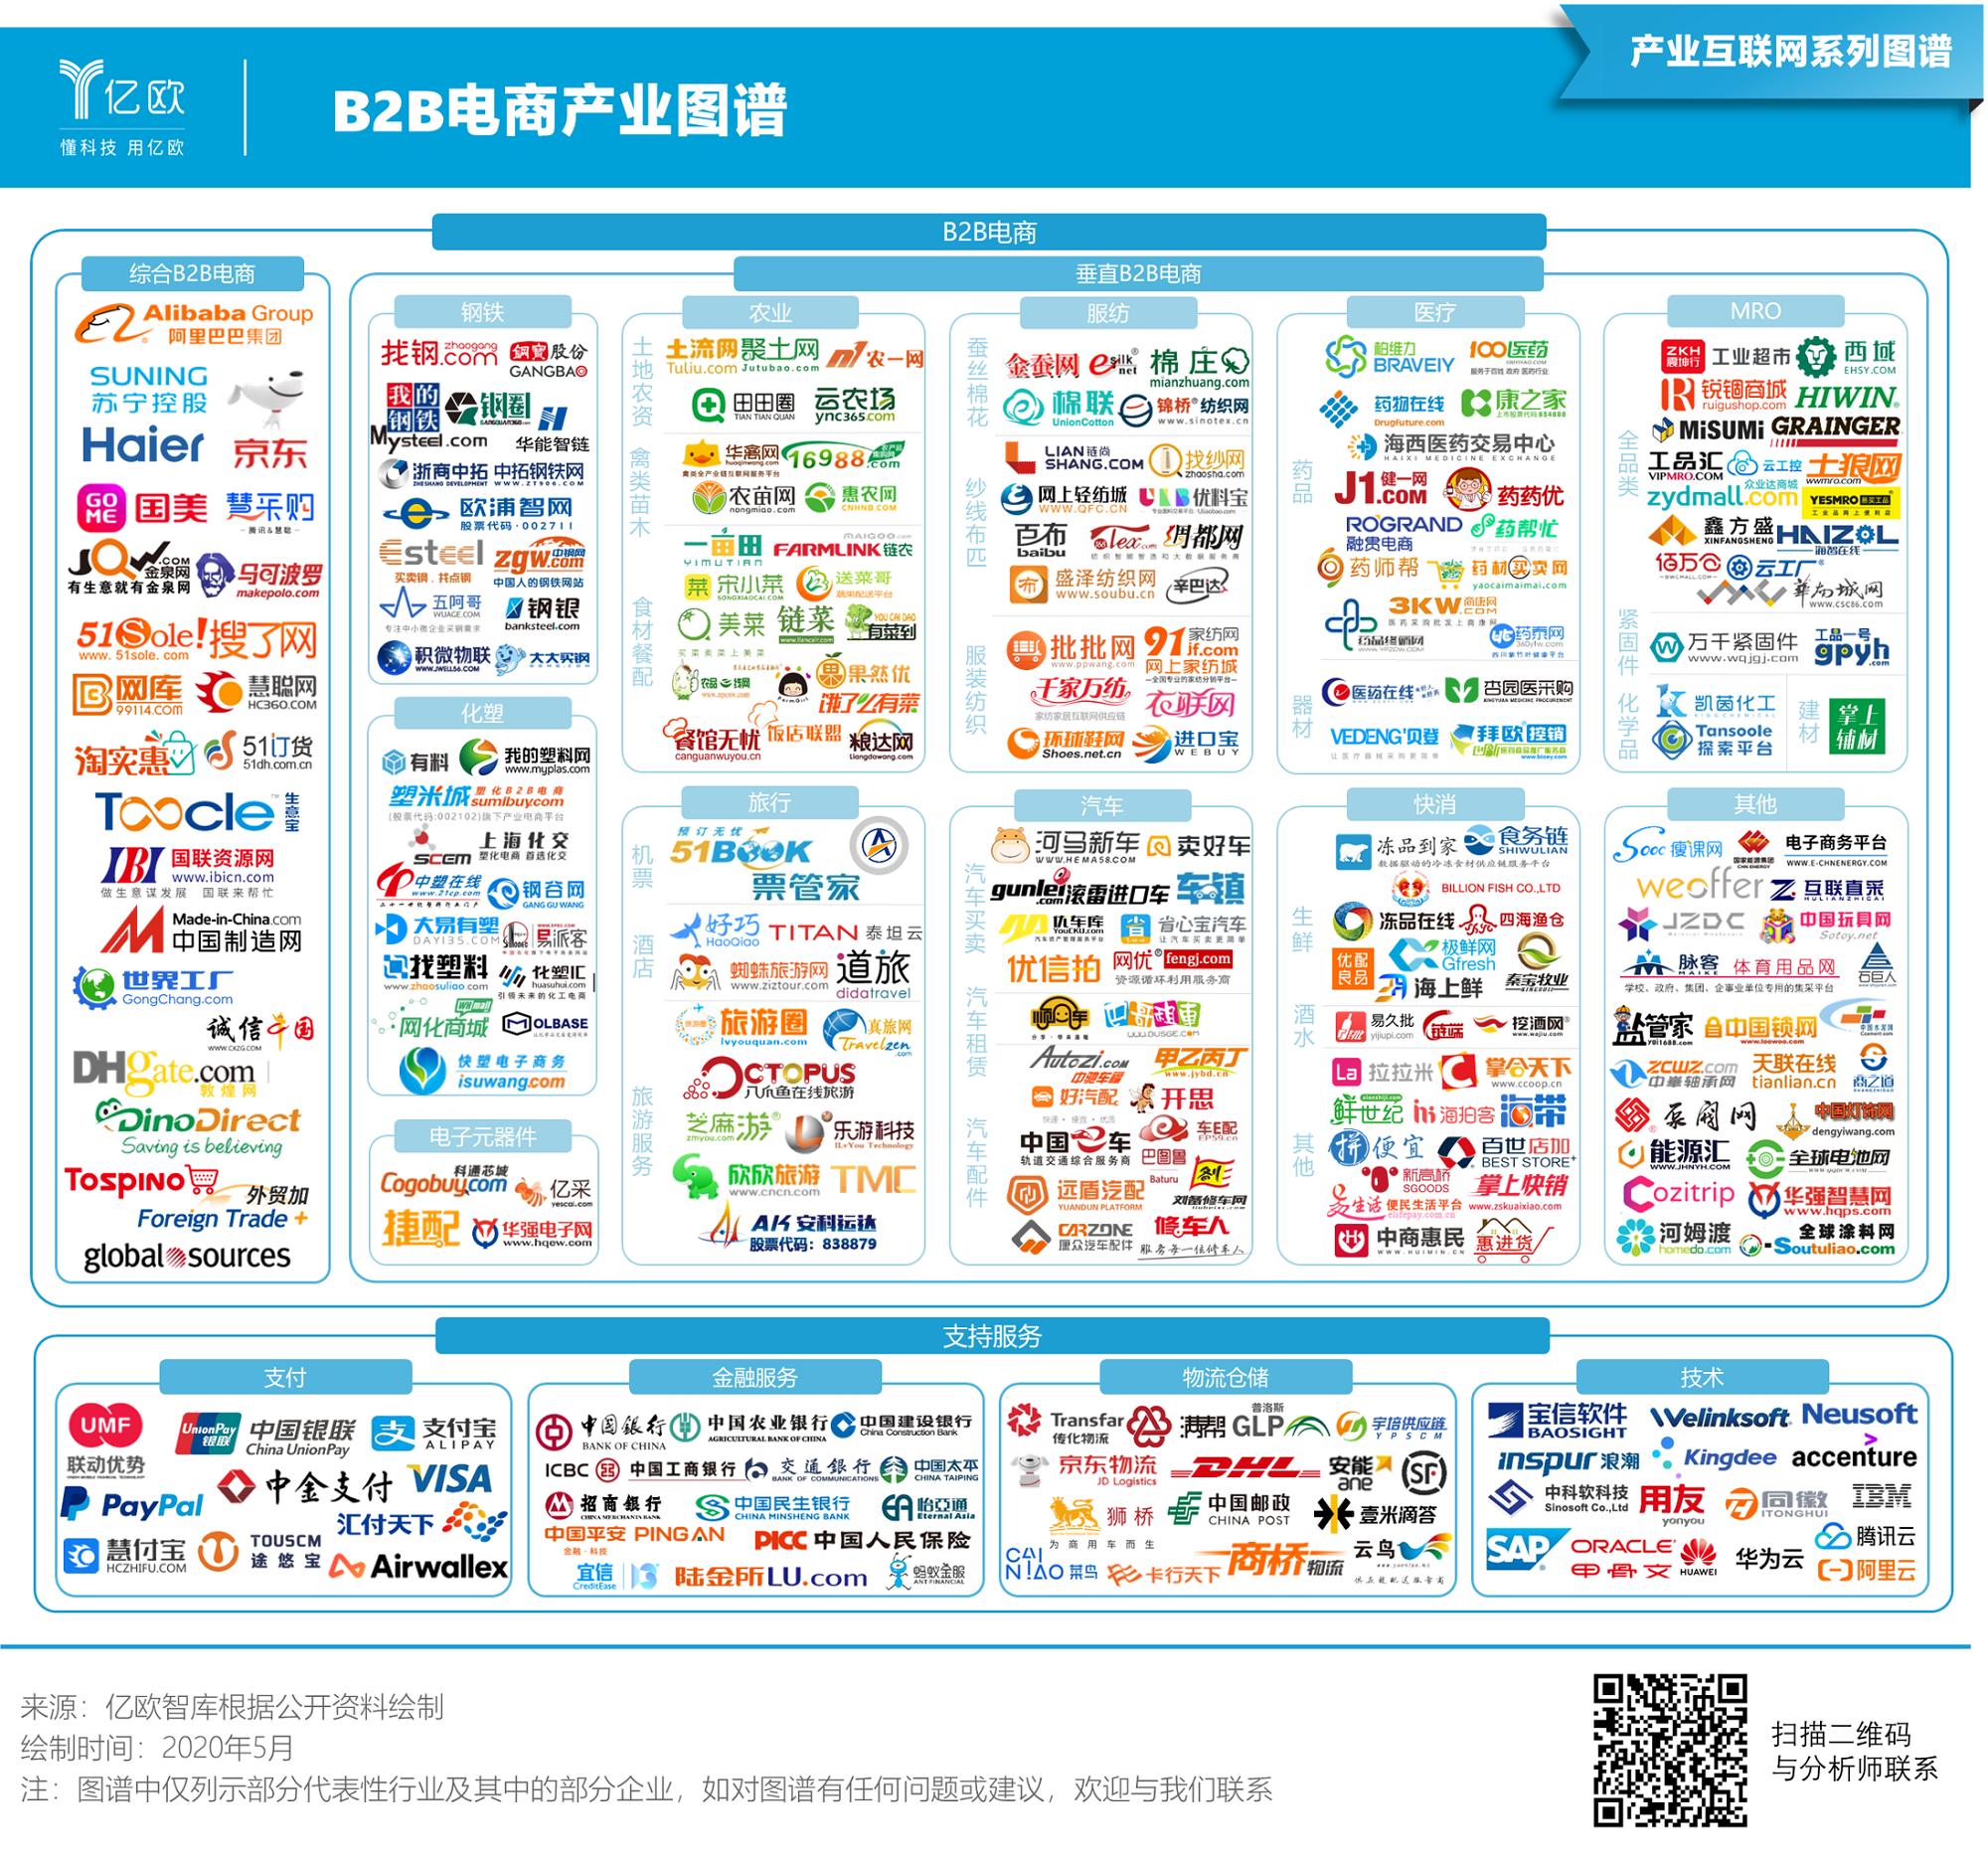 亿欧智库:B2B电商产业图谱